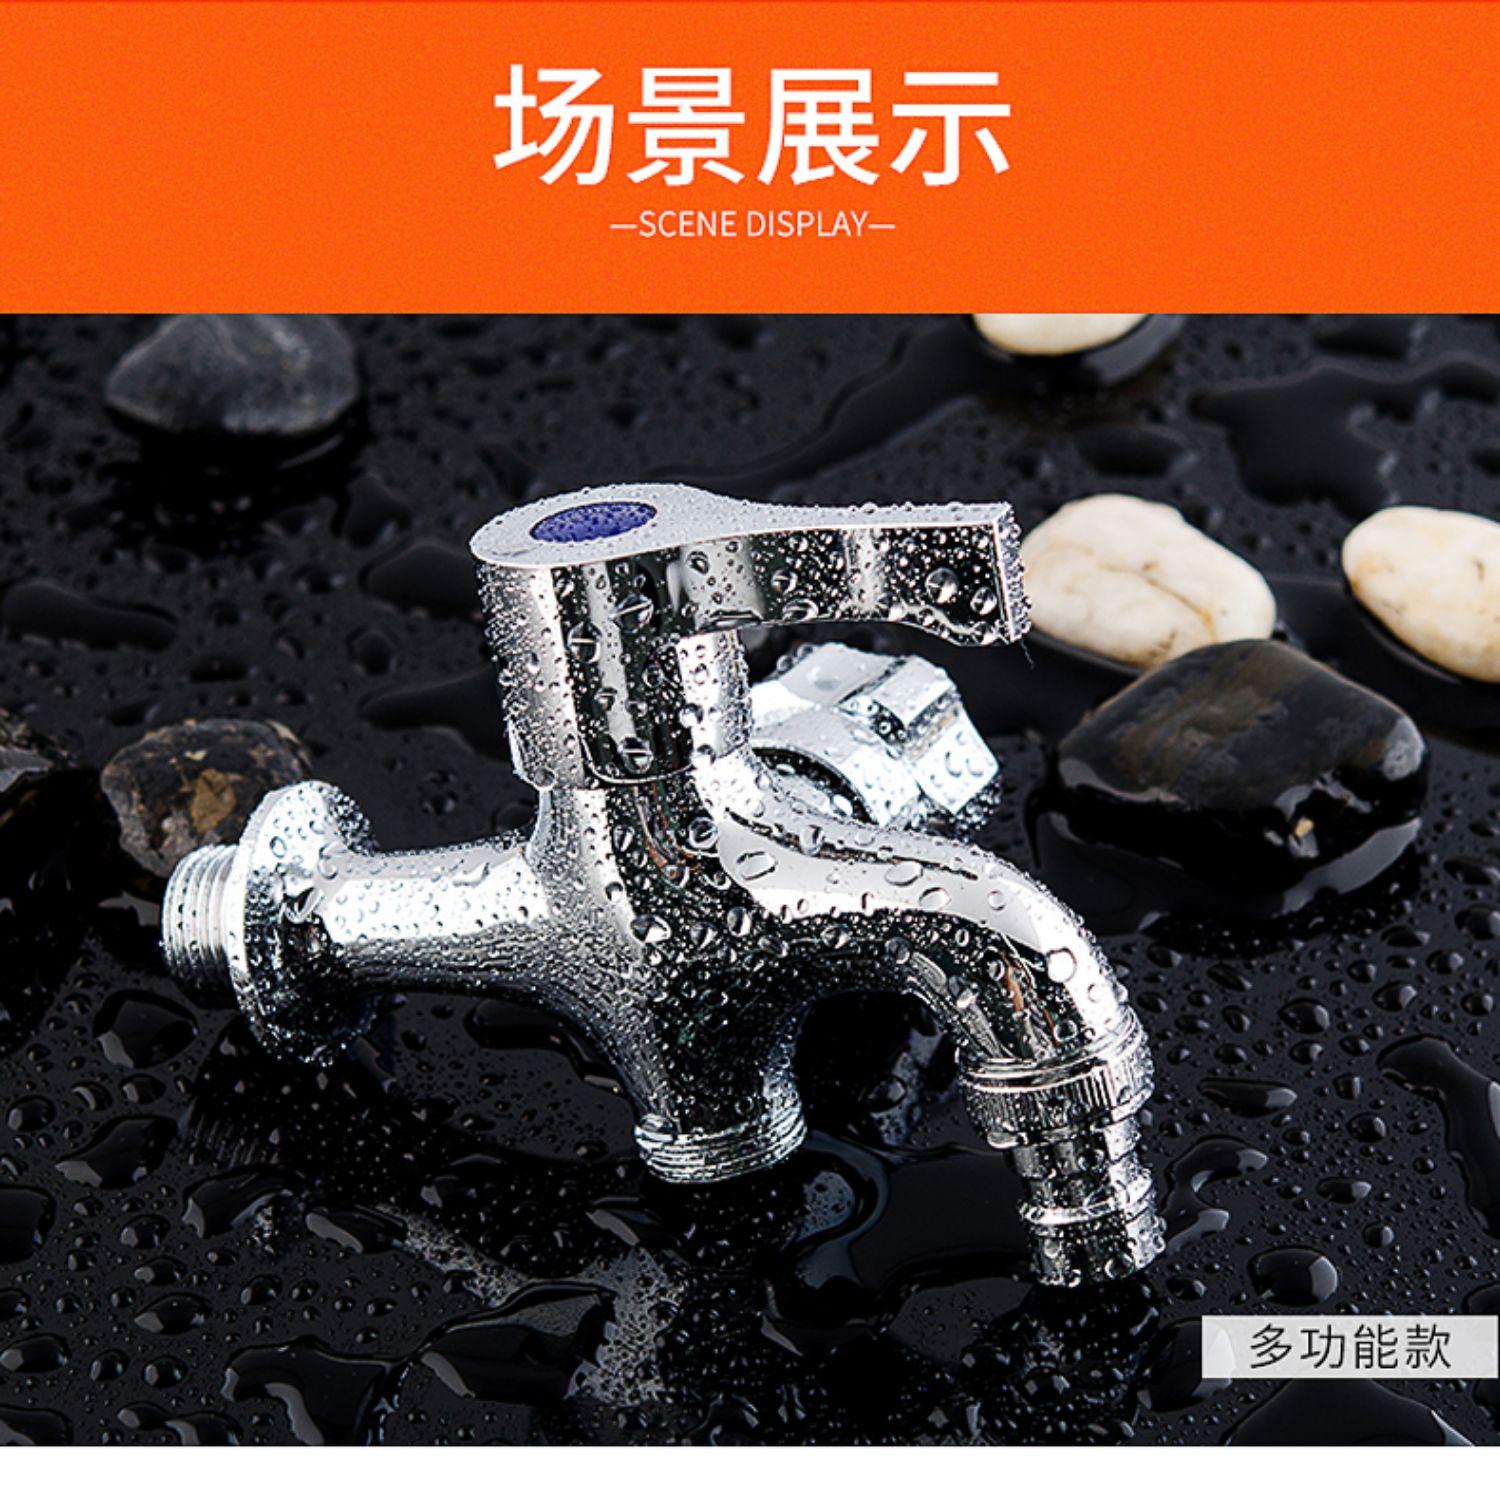 全自动4分单冷一分二不锈钢快开拖把池水嘴家用全铜洗衣机水龙头商品详情图